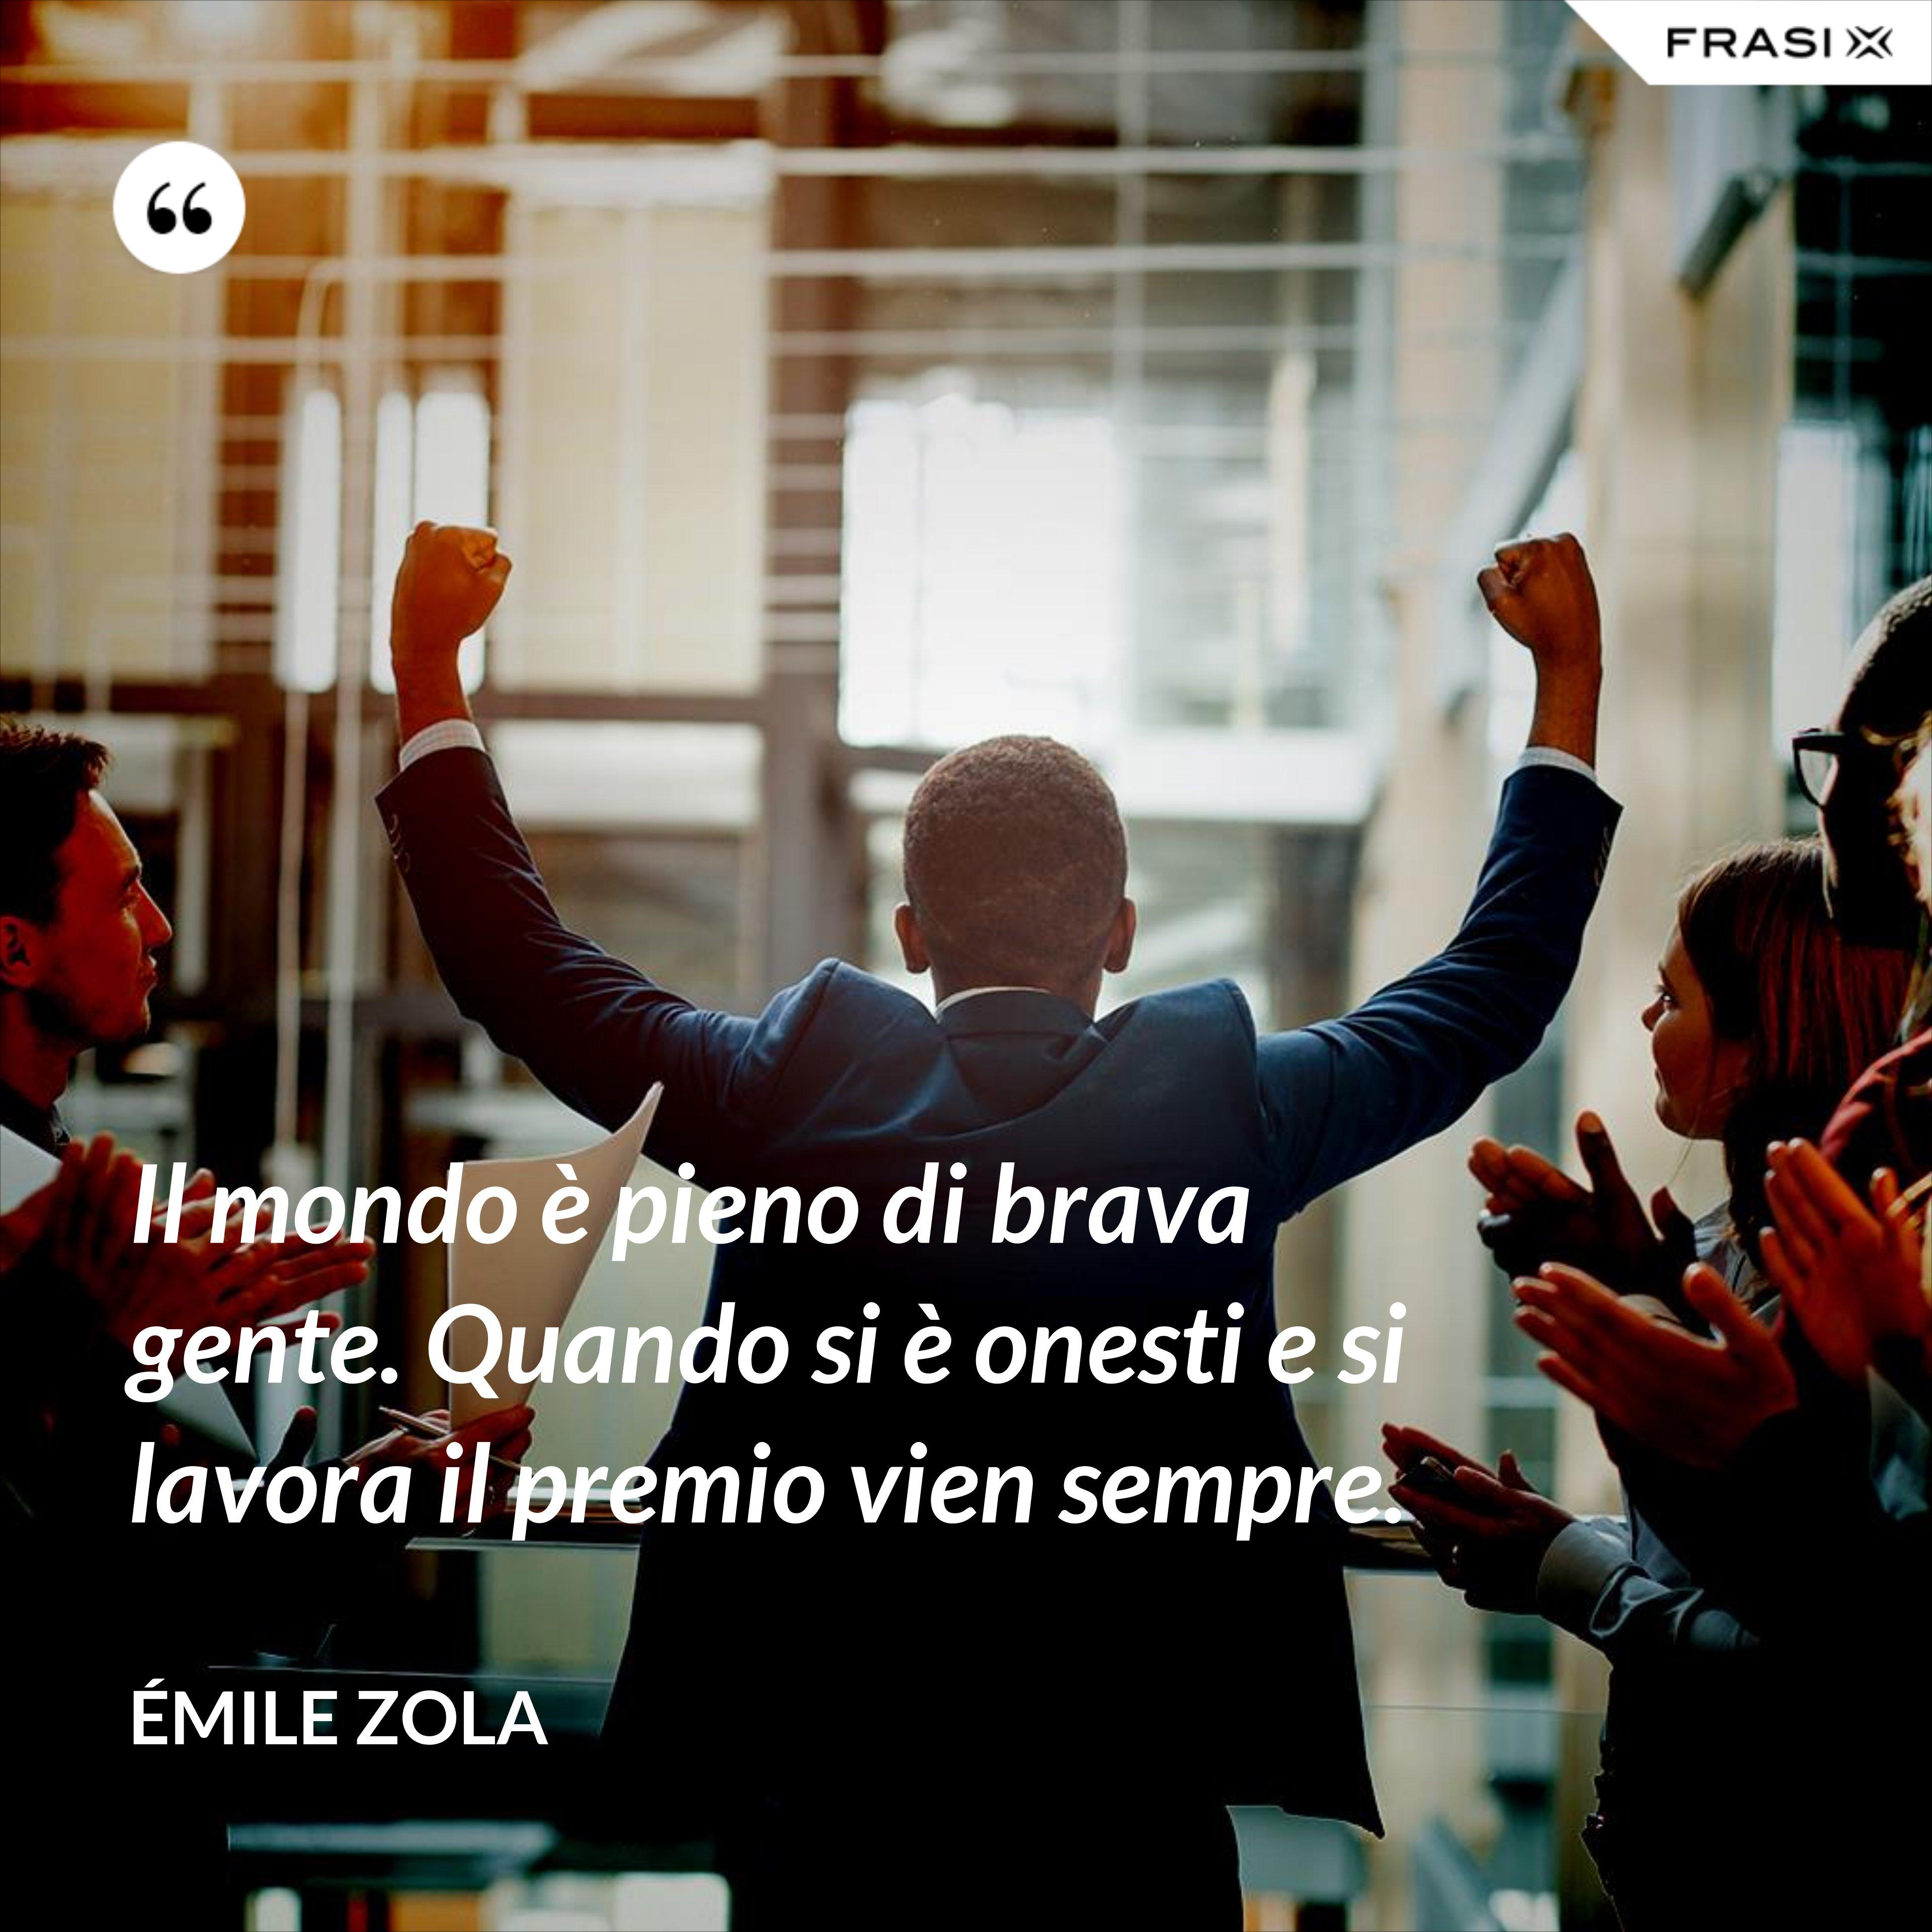 Il mondo è pieno di brava gente. Quando si è onesti e si lavora il premio vien sempre. - Émile Zola